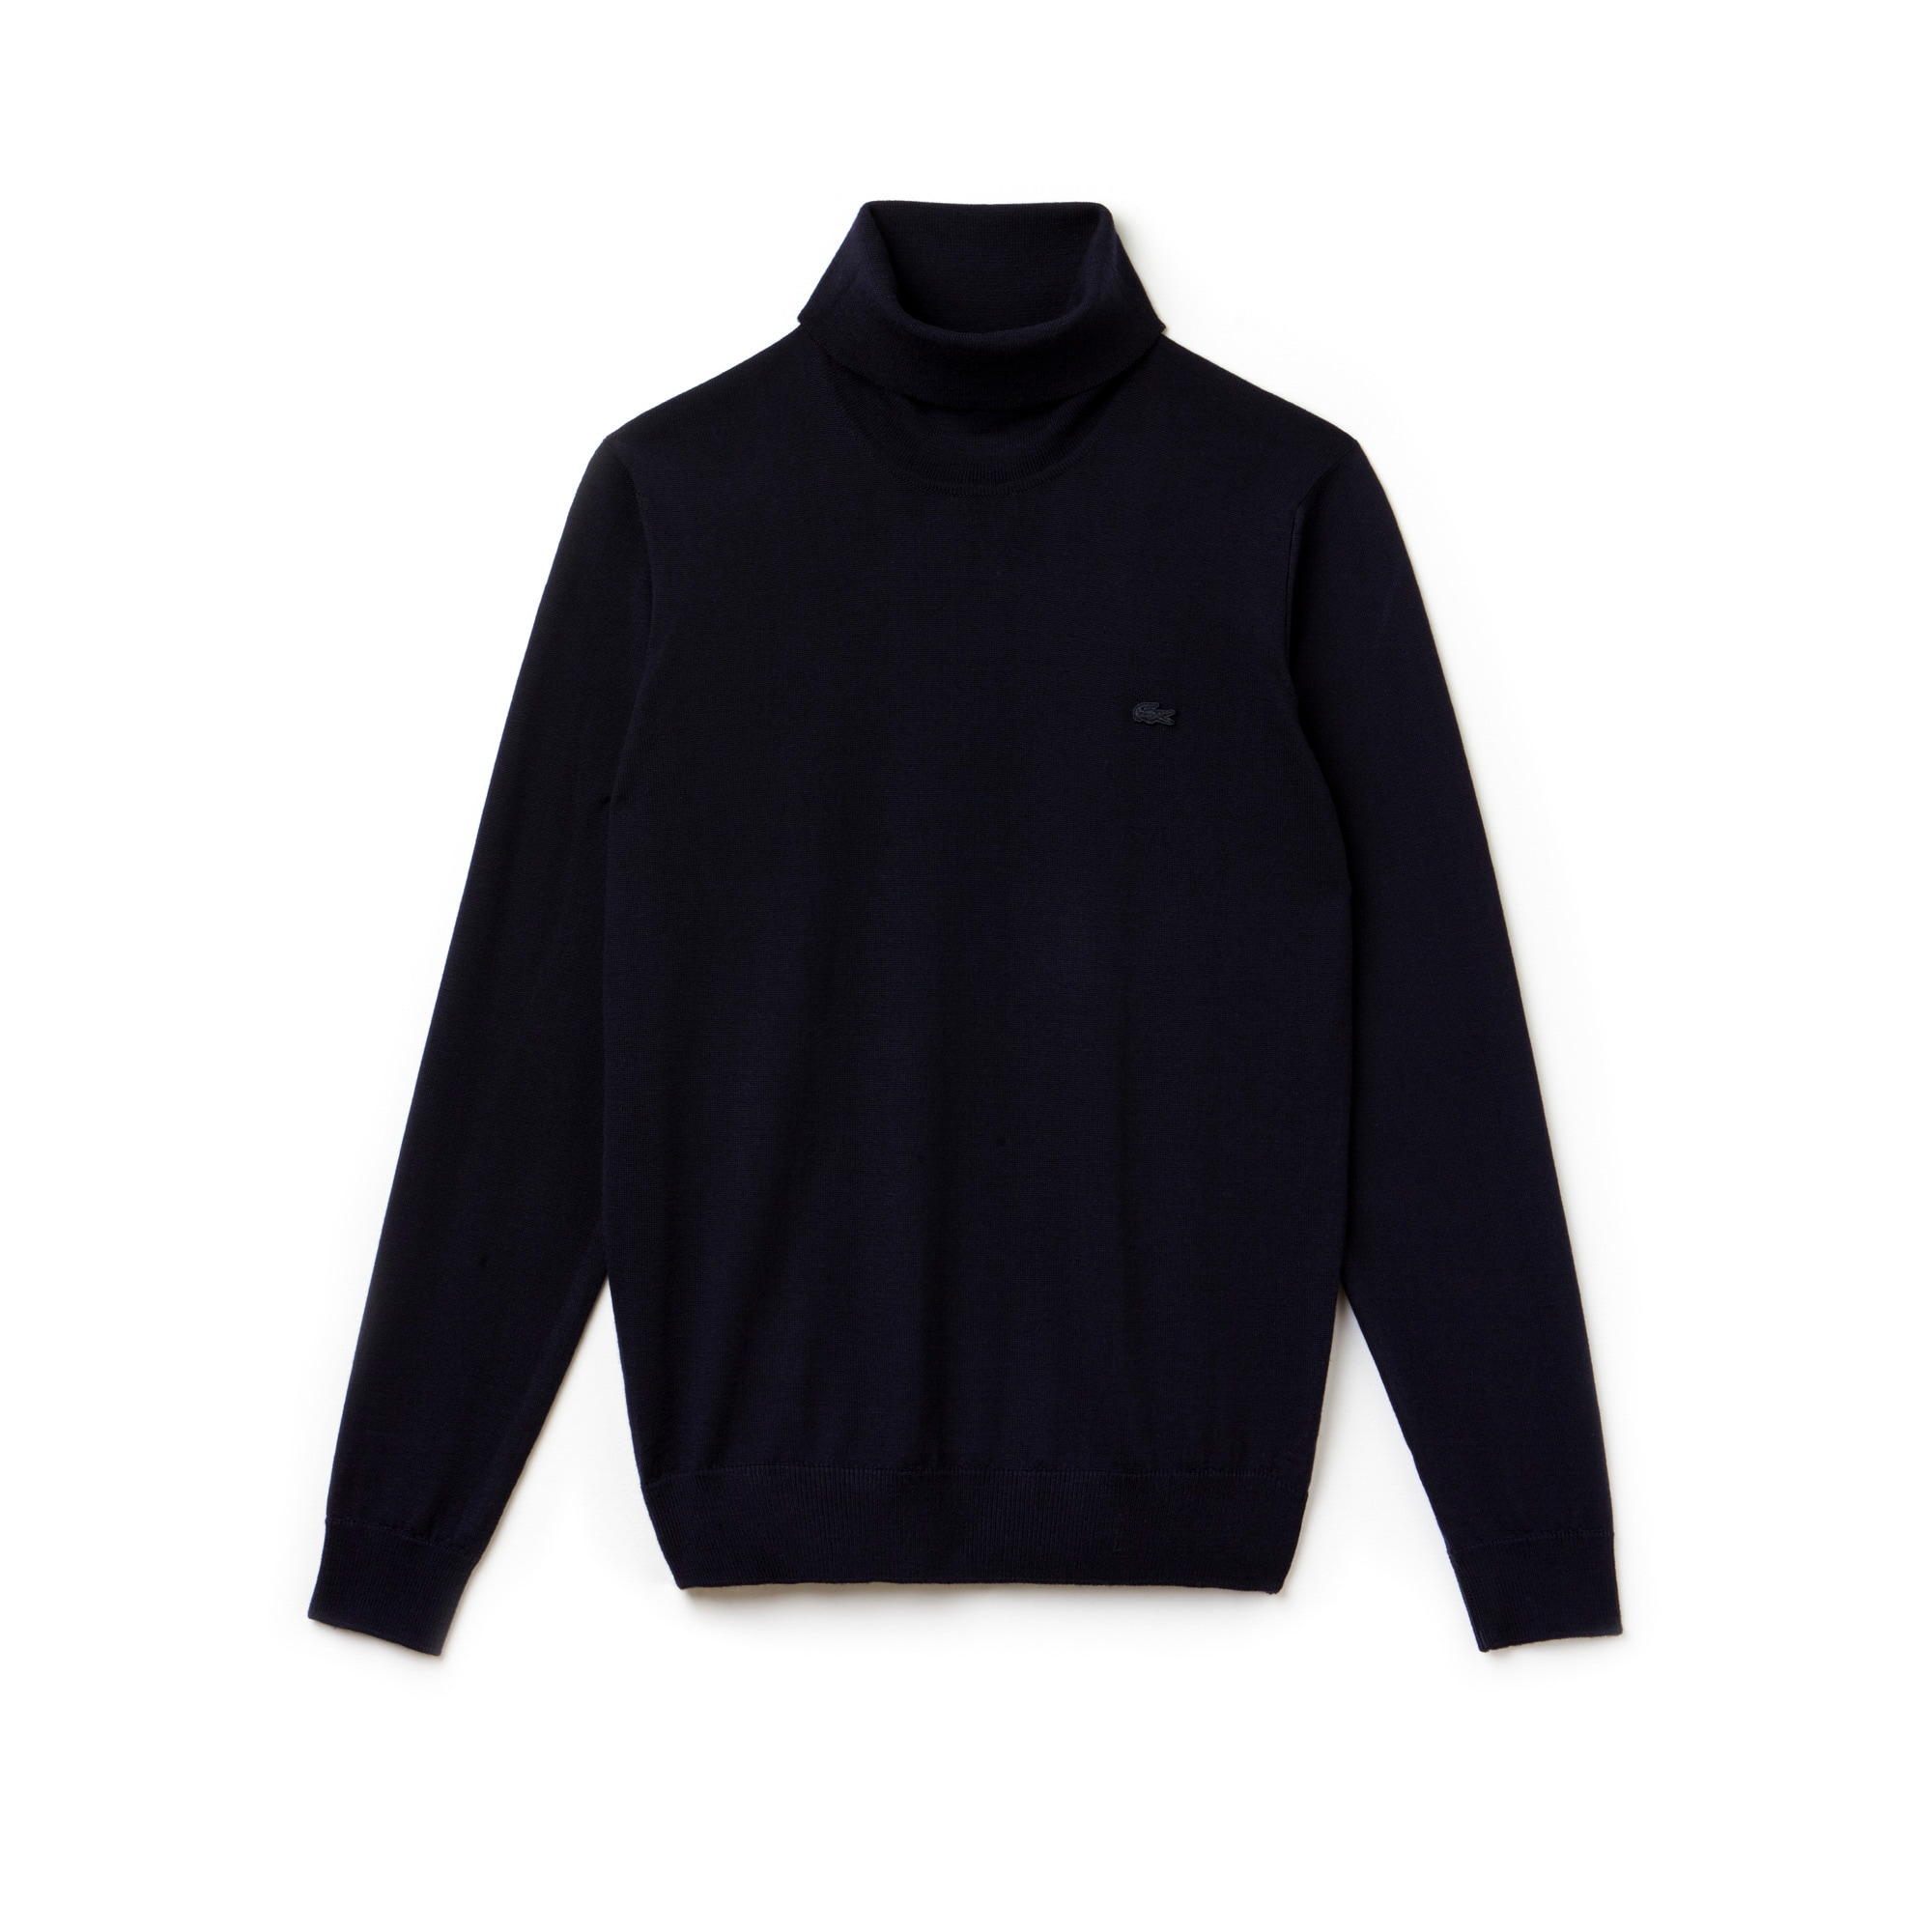 Pullover con collo a dolcevita in jersey di lana tinta unita